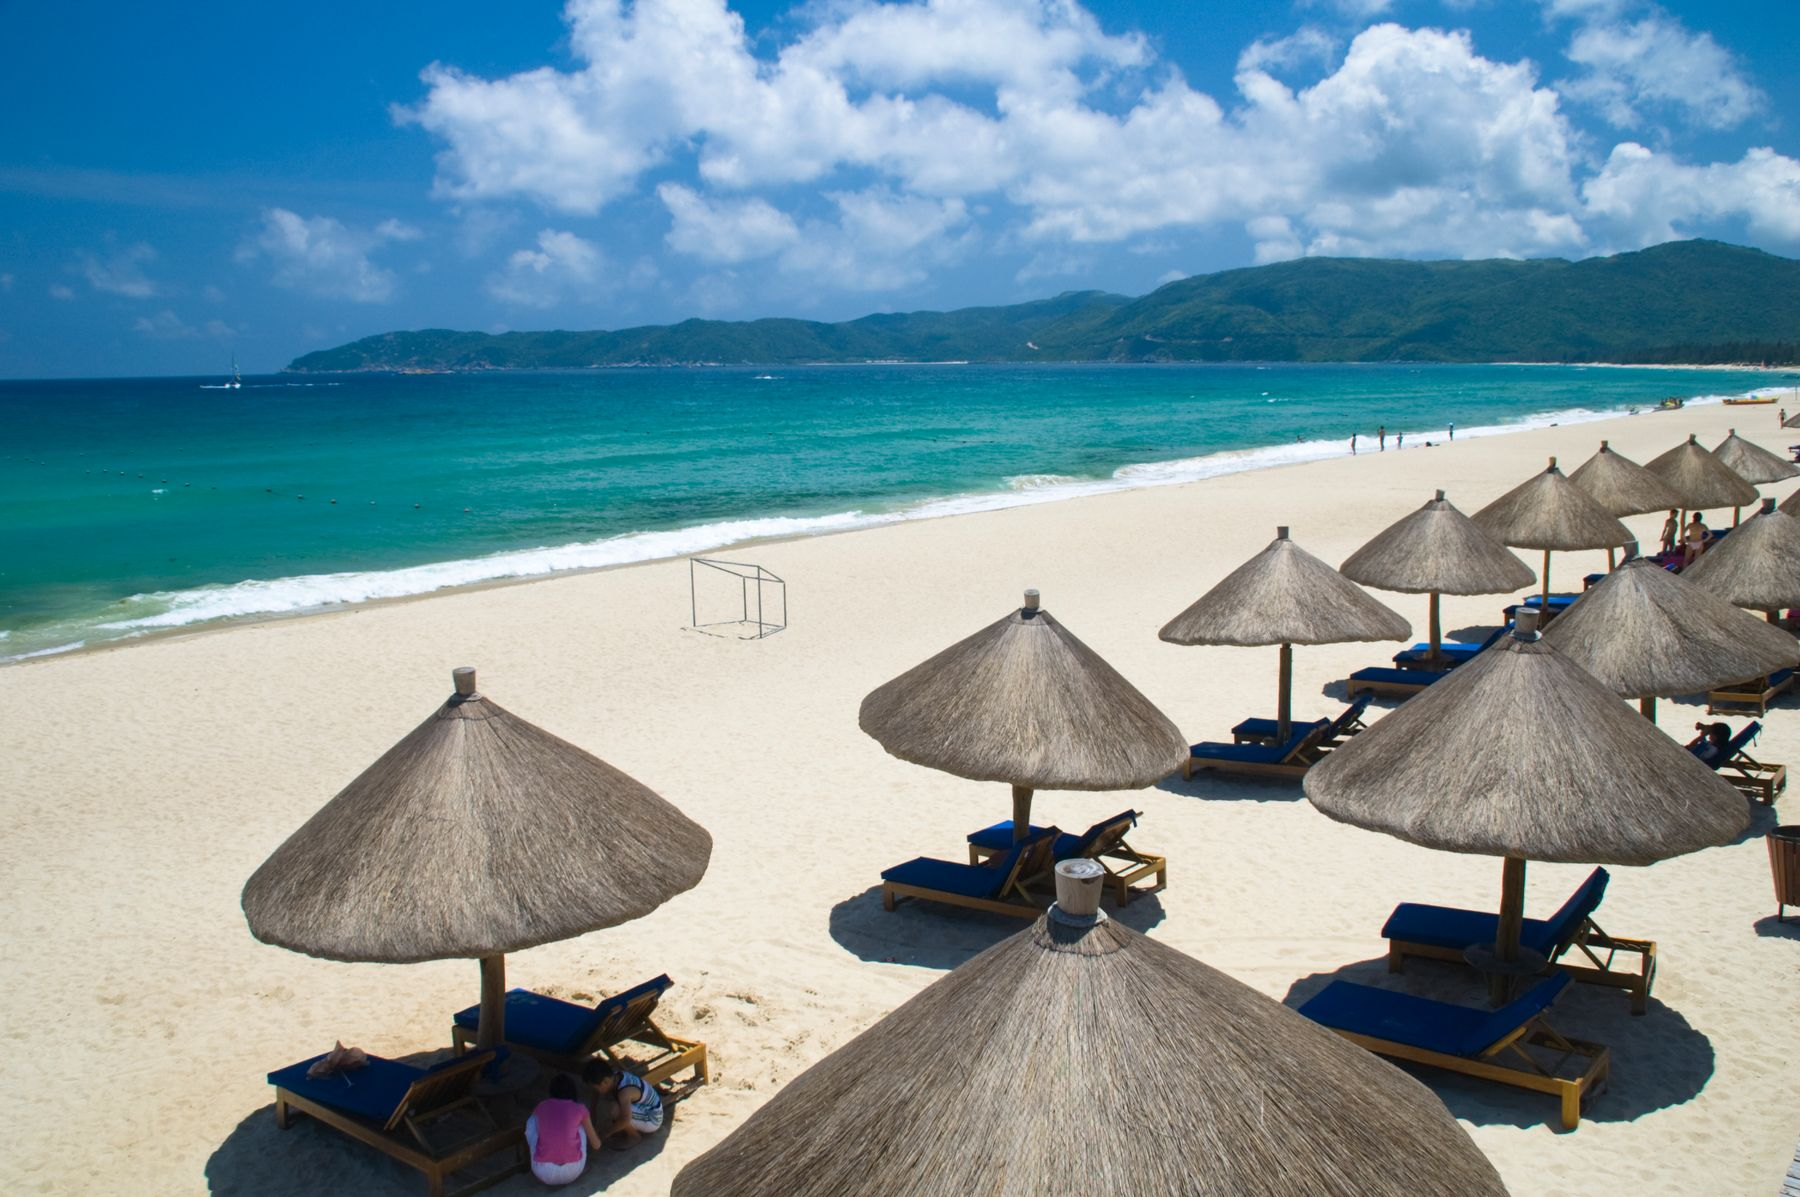 Где лучший отдых на море зимой. Остров Хайнань в Китае